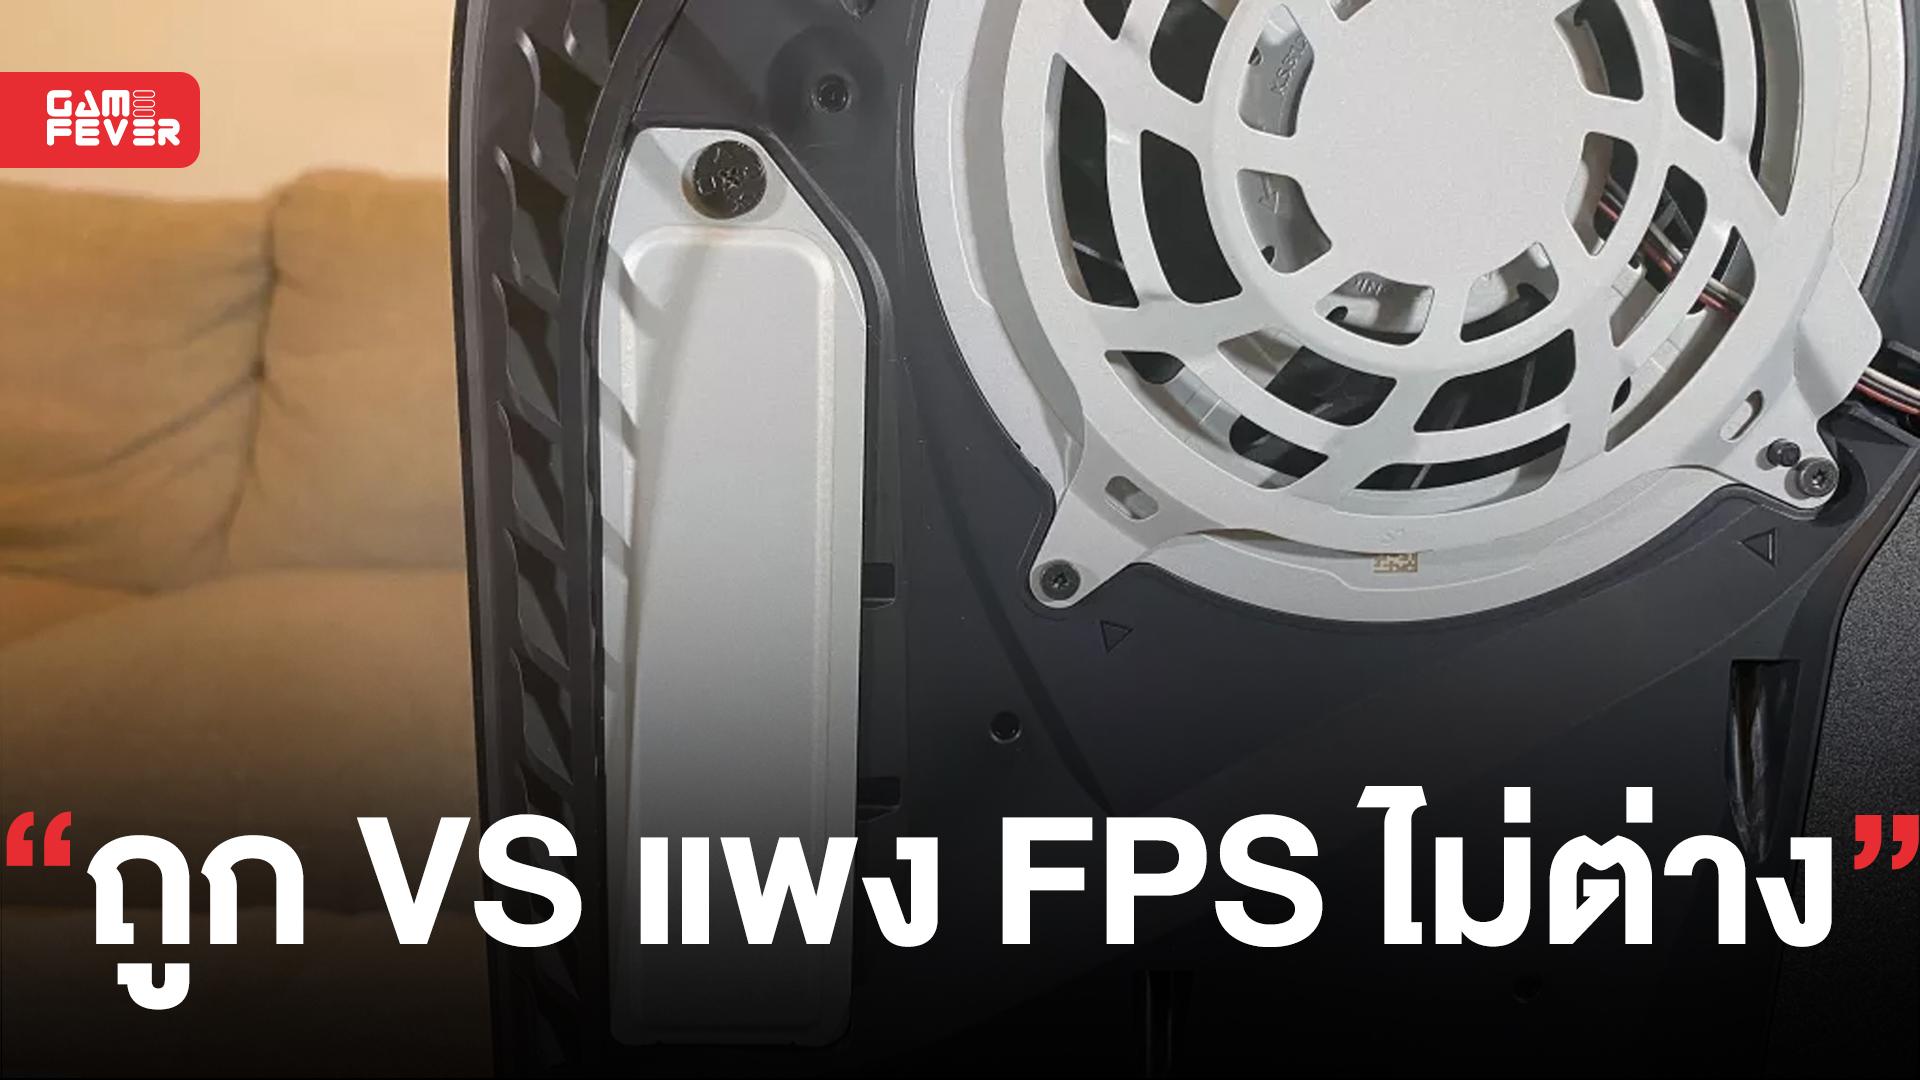 ผลทดสอบเผยอัปเกรด SSD บน PS5 เผย ราคาถูกกับแพงให้ FPS ในเกมไม่ต่างกัน!